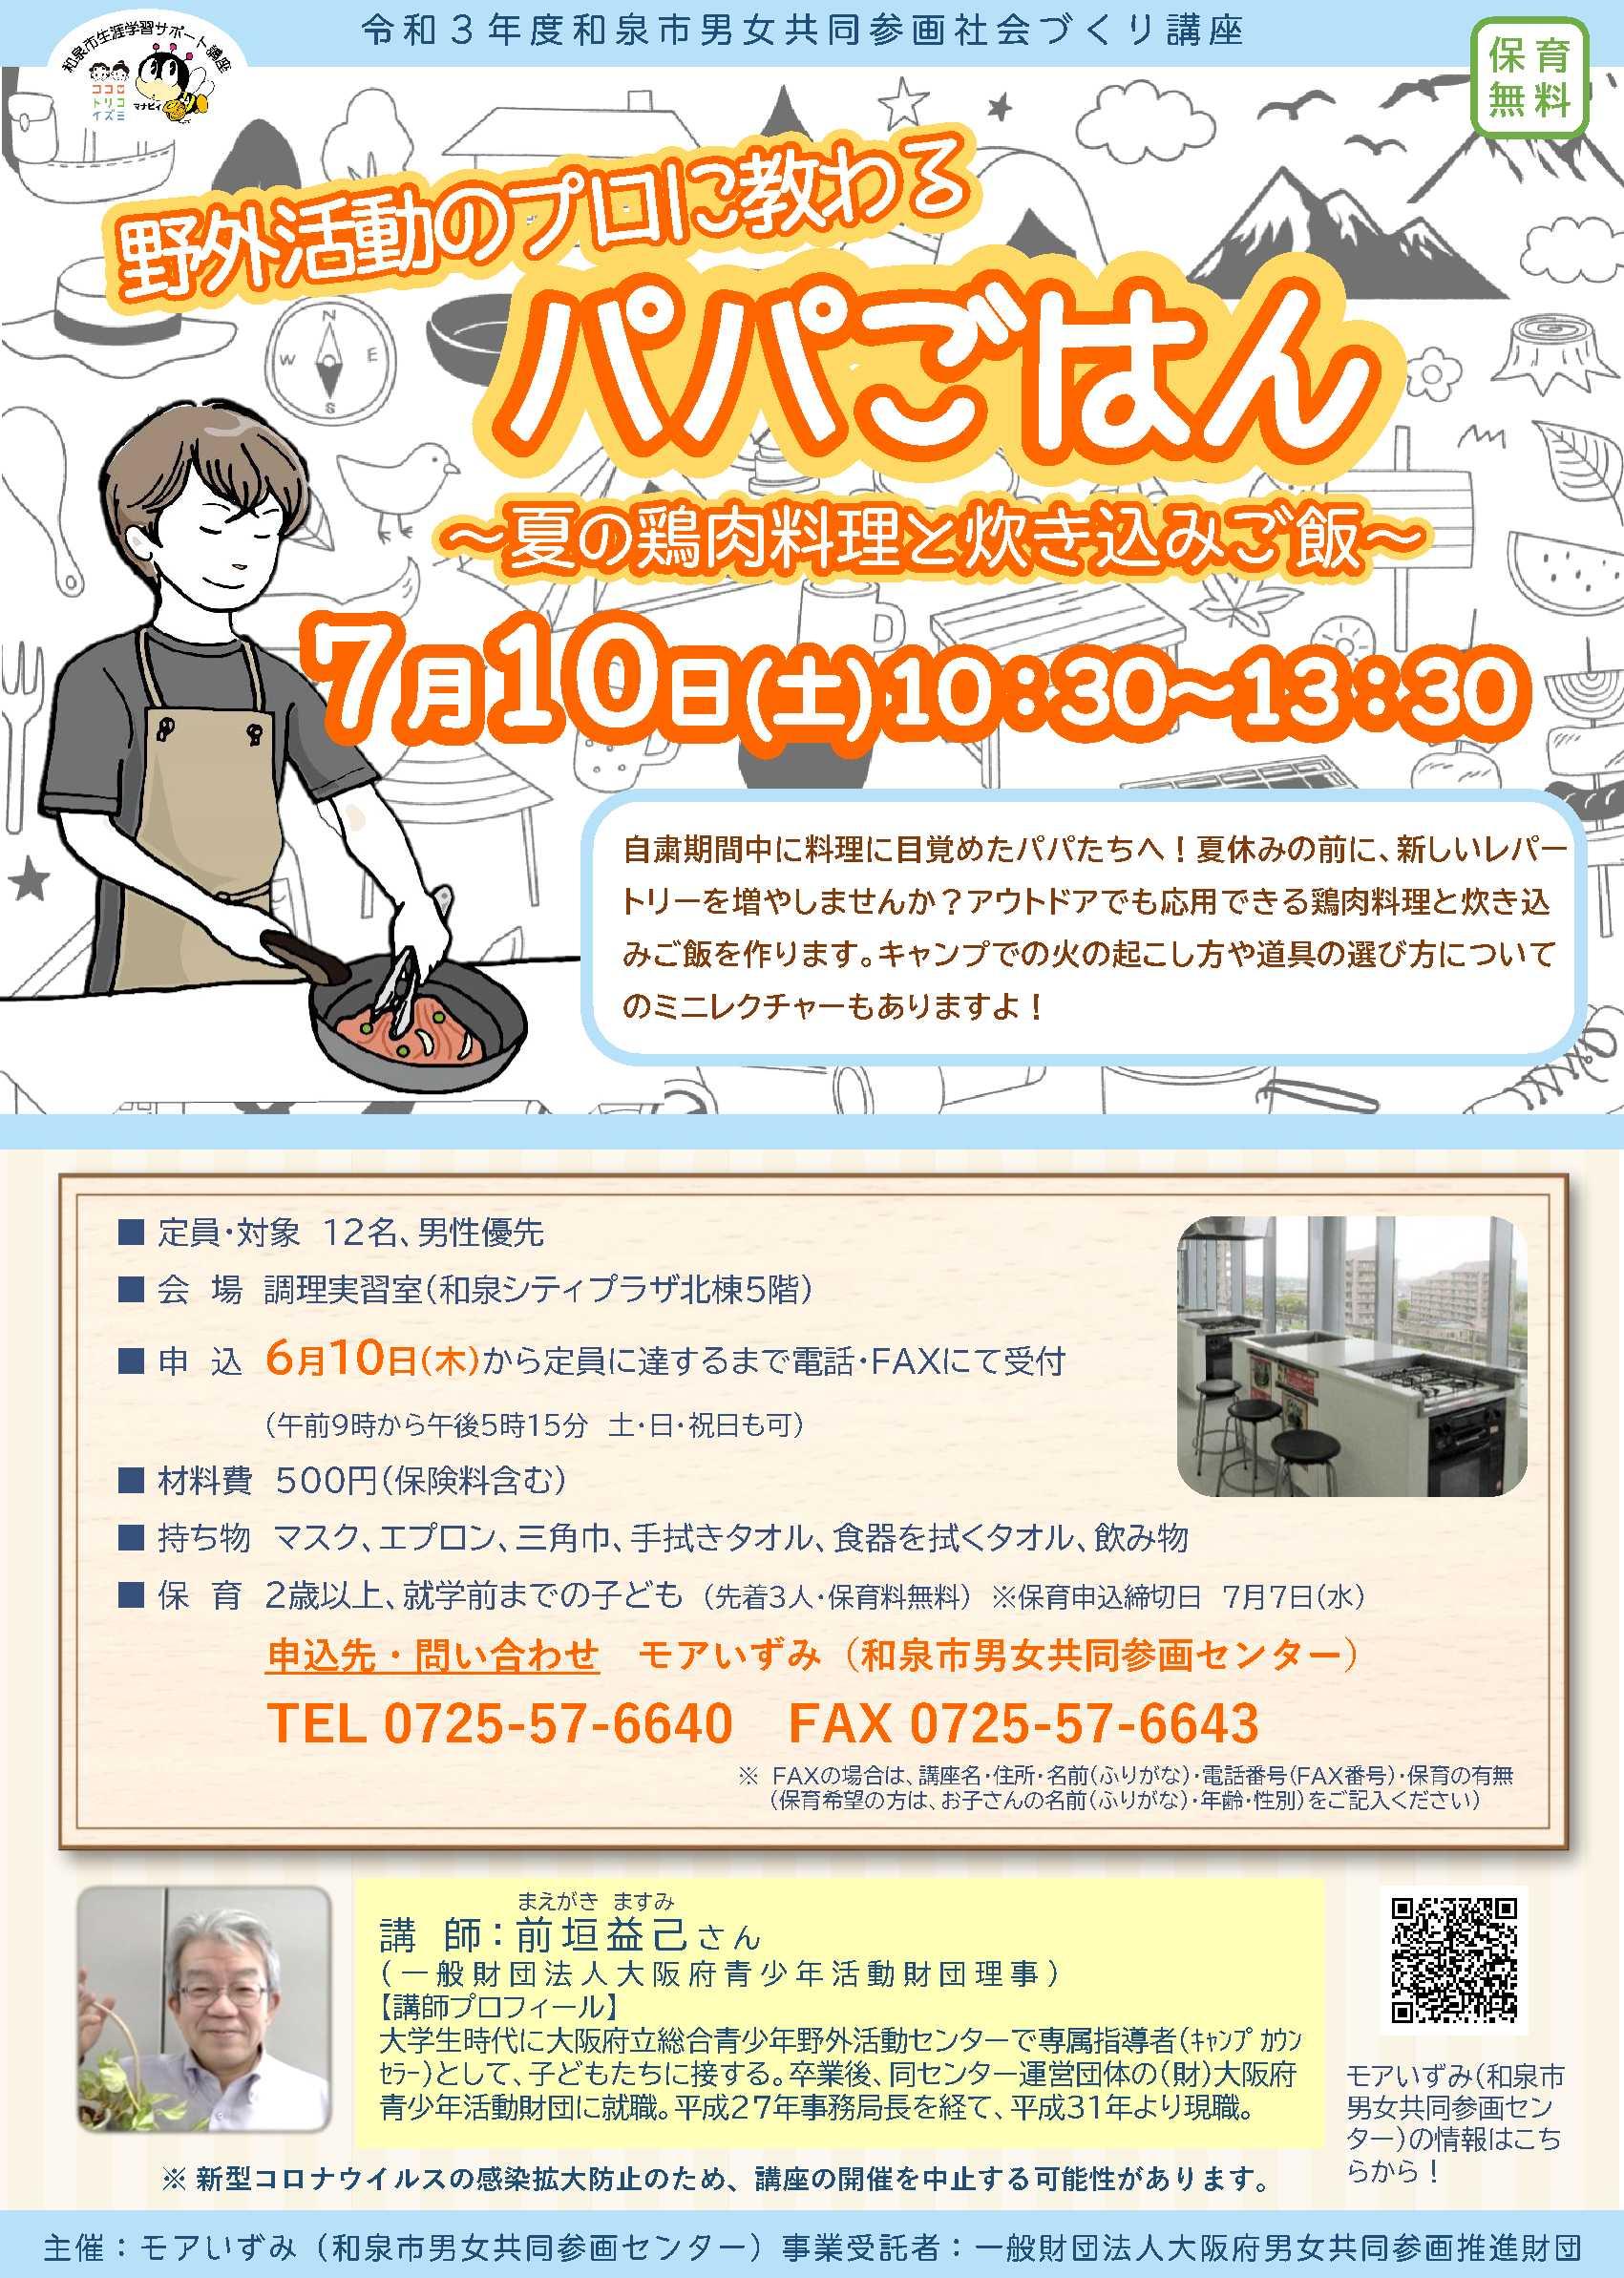 【終了】2021年7月10日(土)開催!野外活動のプロに教わるパパごはん ~夏の鶏肉料理と炊き込みご飯~